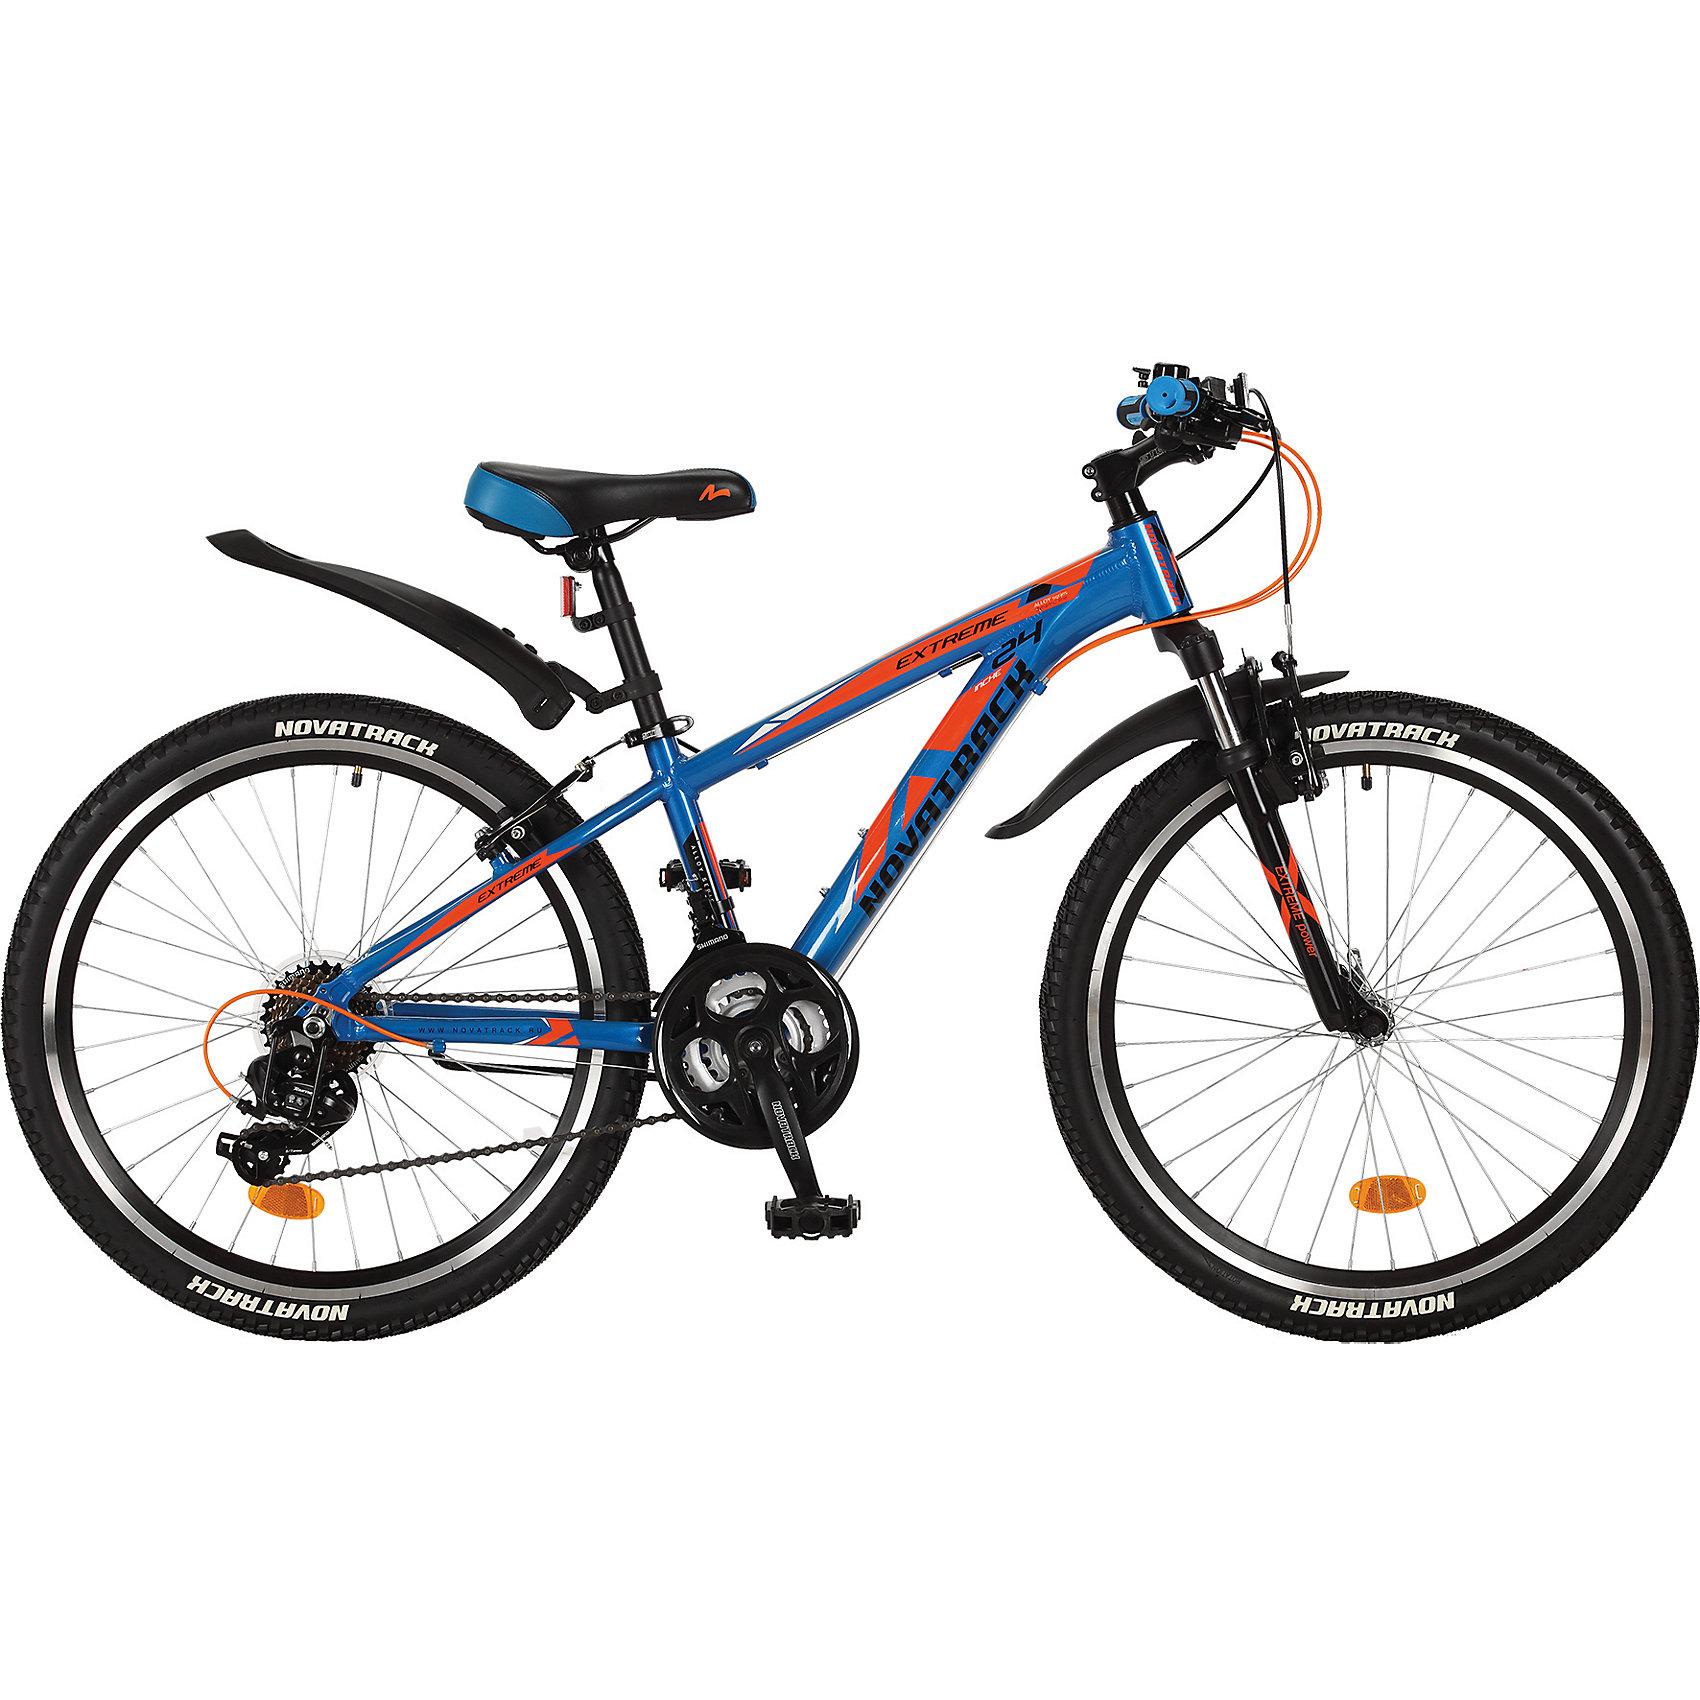 Велосипед EXTREME, синий, 24 дюйма, NovatrackВелосипеды детские<br>Характеристики товара:<br><br>• цвет: синий<br>• возраст: от 8 лет<br>• стальная рама<br>• мягкое регулируемое по высоте седло<br>• руль регулируется по высоте<br>• диаметр колес: 24 дюйма<br>• ручной тормоз<br>• ножной тормоз <br>• передний и задний амортизаторы<br>• 6 скоростей<br>• мягкие накладки на руле<br><br>Novatrack Extreme 24'' – это надежный велосипед для мальчиков 8-15 лет, который поможет освоить азы катания на скоростном велосипеде. <br><br>Велосипед оснащен 6-скоростной системой переключения передач, амортизационной вилкой, передним ручным тормозом, регулируемым сидением и рулем, для обеспечения удобной посадки. <br><br>Велосипед достаточно легкий, поэтому ребенок сможет самостоятельно его транспортировать из дома во двор. <br><br>Extreme 24'' предназначен для активной езды и готов к любым испытаниям на детской площадке, в парке и других местах, пригодных для катания.<br><br>Велосипед EXTREME, синий, 24 дюйма, Novatrack можно купить в нашем интернет-магазине.<br><br>Ширина мм: 1260<br>Глубина мм: 200<br>Высота мм: 650<br>Вес г: 19000<br>Возраст от месяцев: 108<br>Возраст до месяцев: 168<br>Пол: Унисекс<br>Возраст: Детский<br>SKU: 5613224